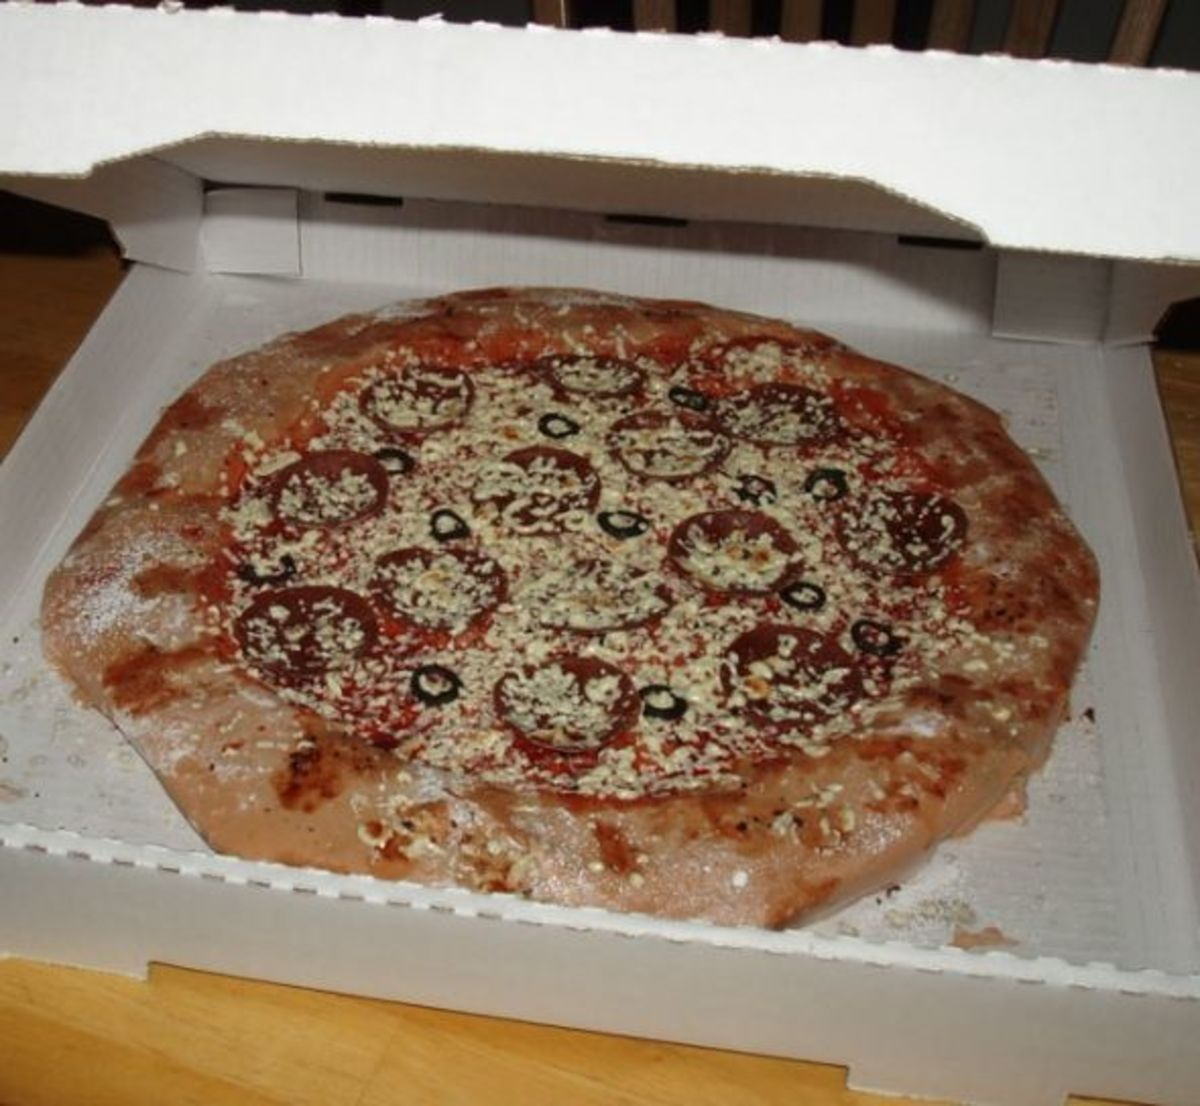 Realistic pizza cake in box